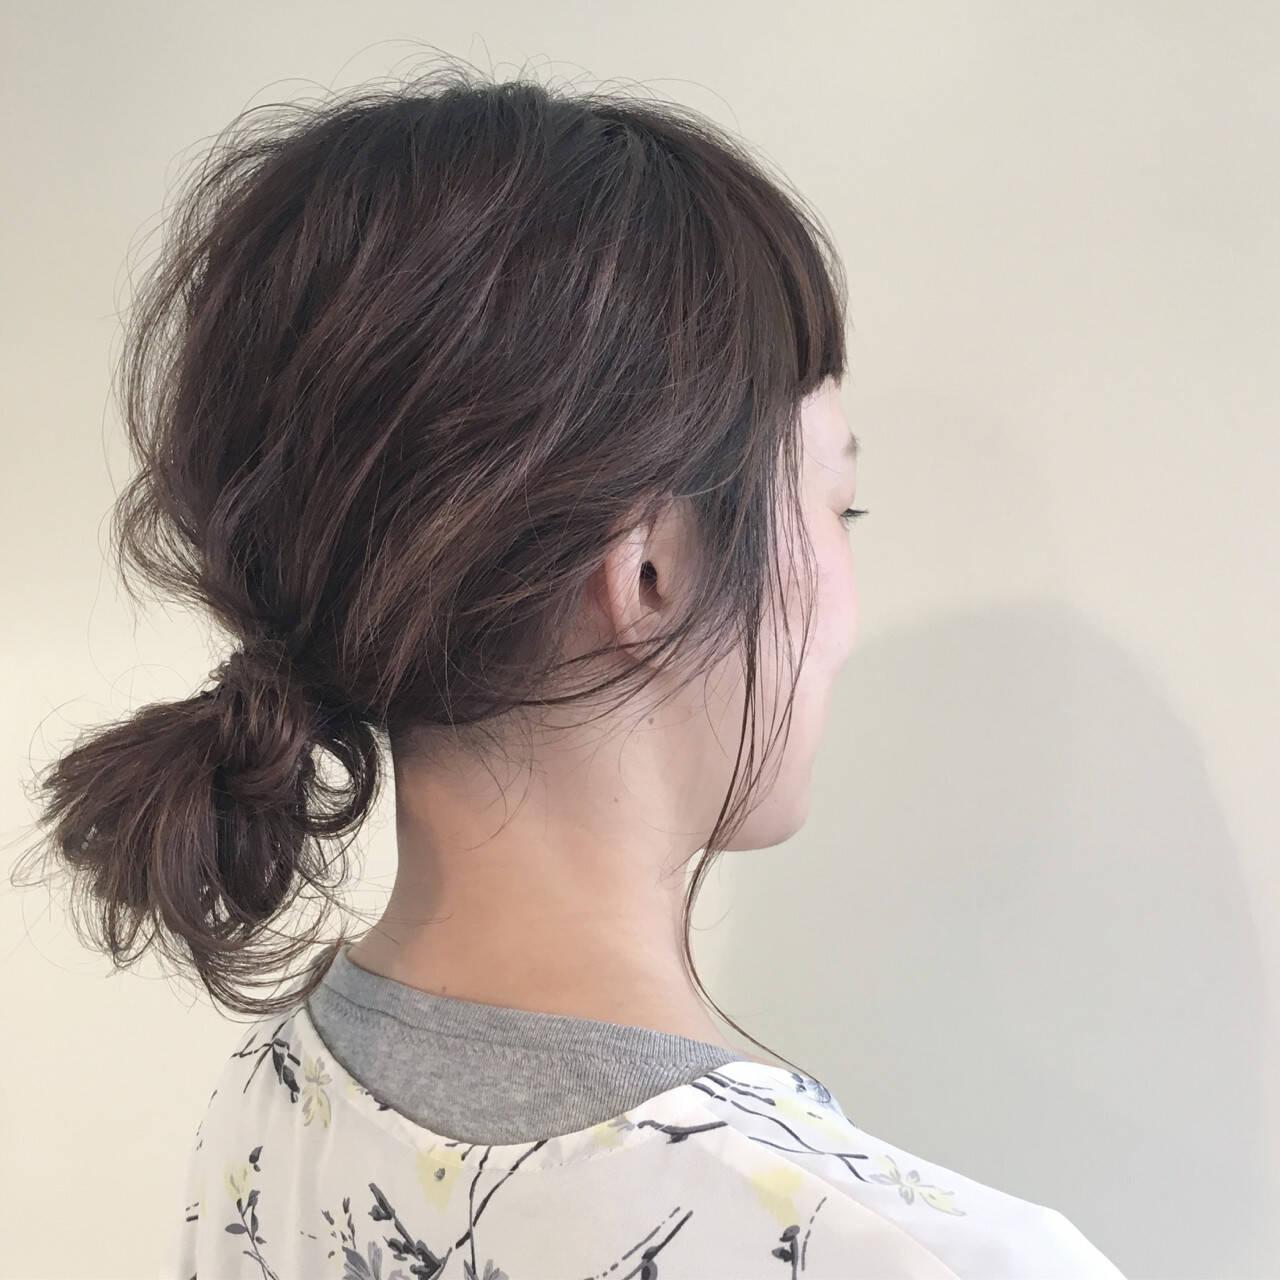 ヘアアレンジ ナチュラル 外国人風 ハイライトヘアスタイルや髪型の写真・画像